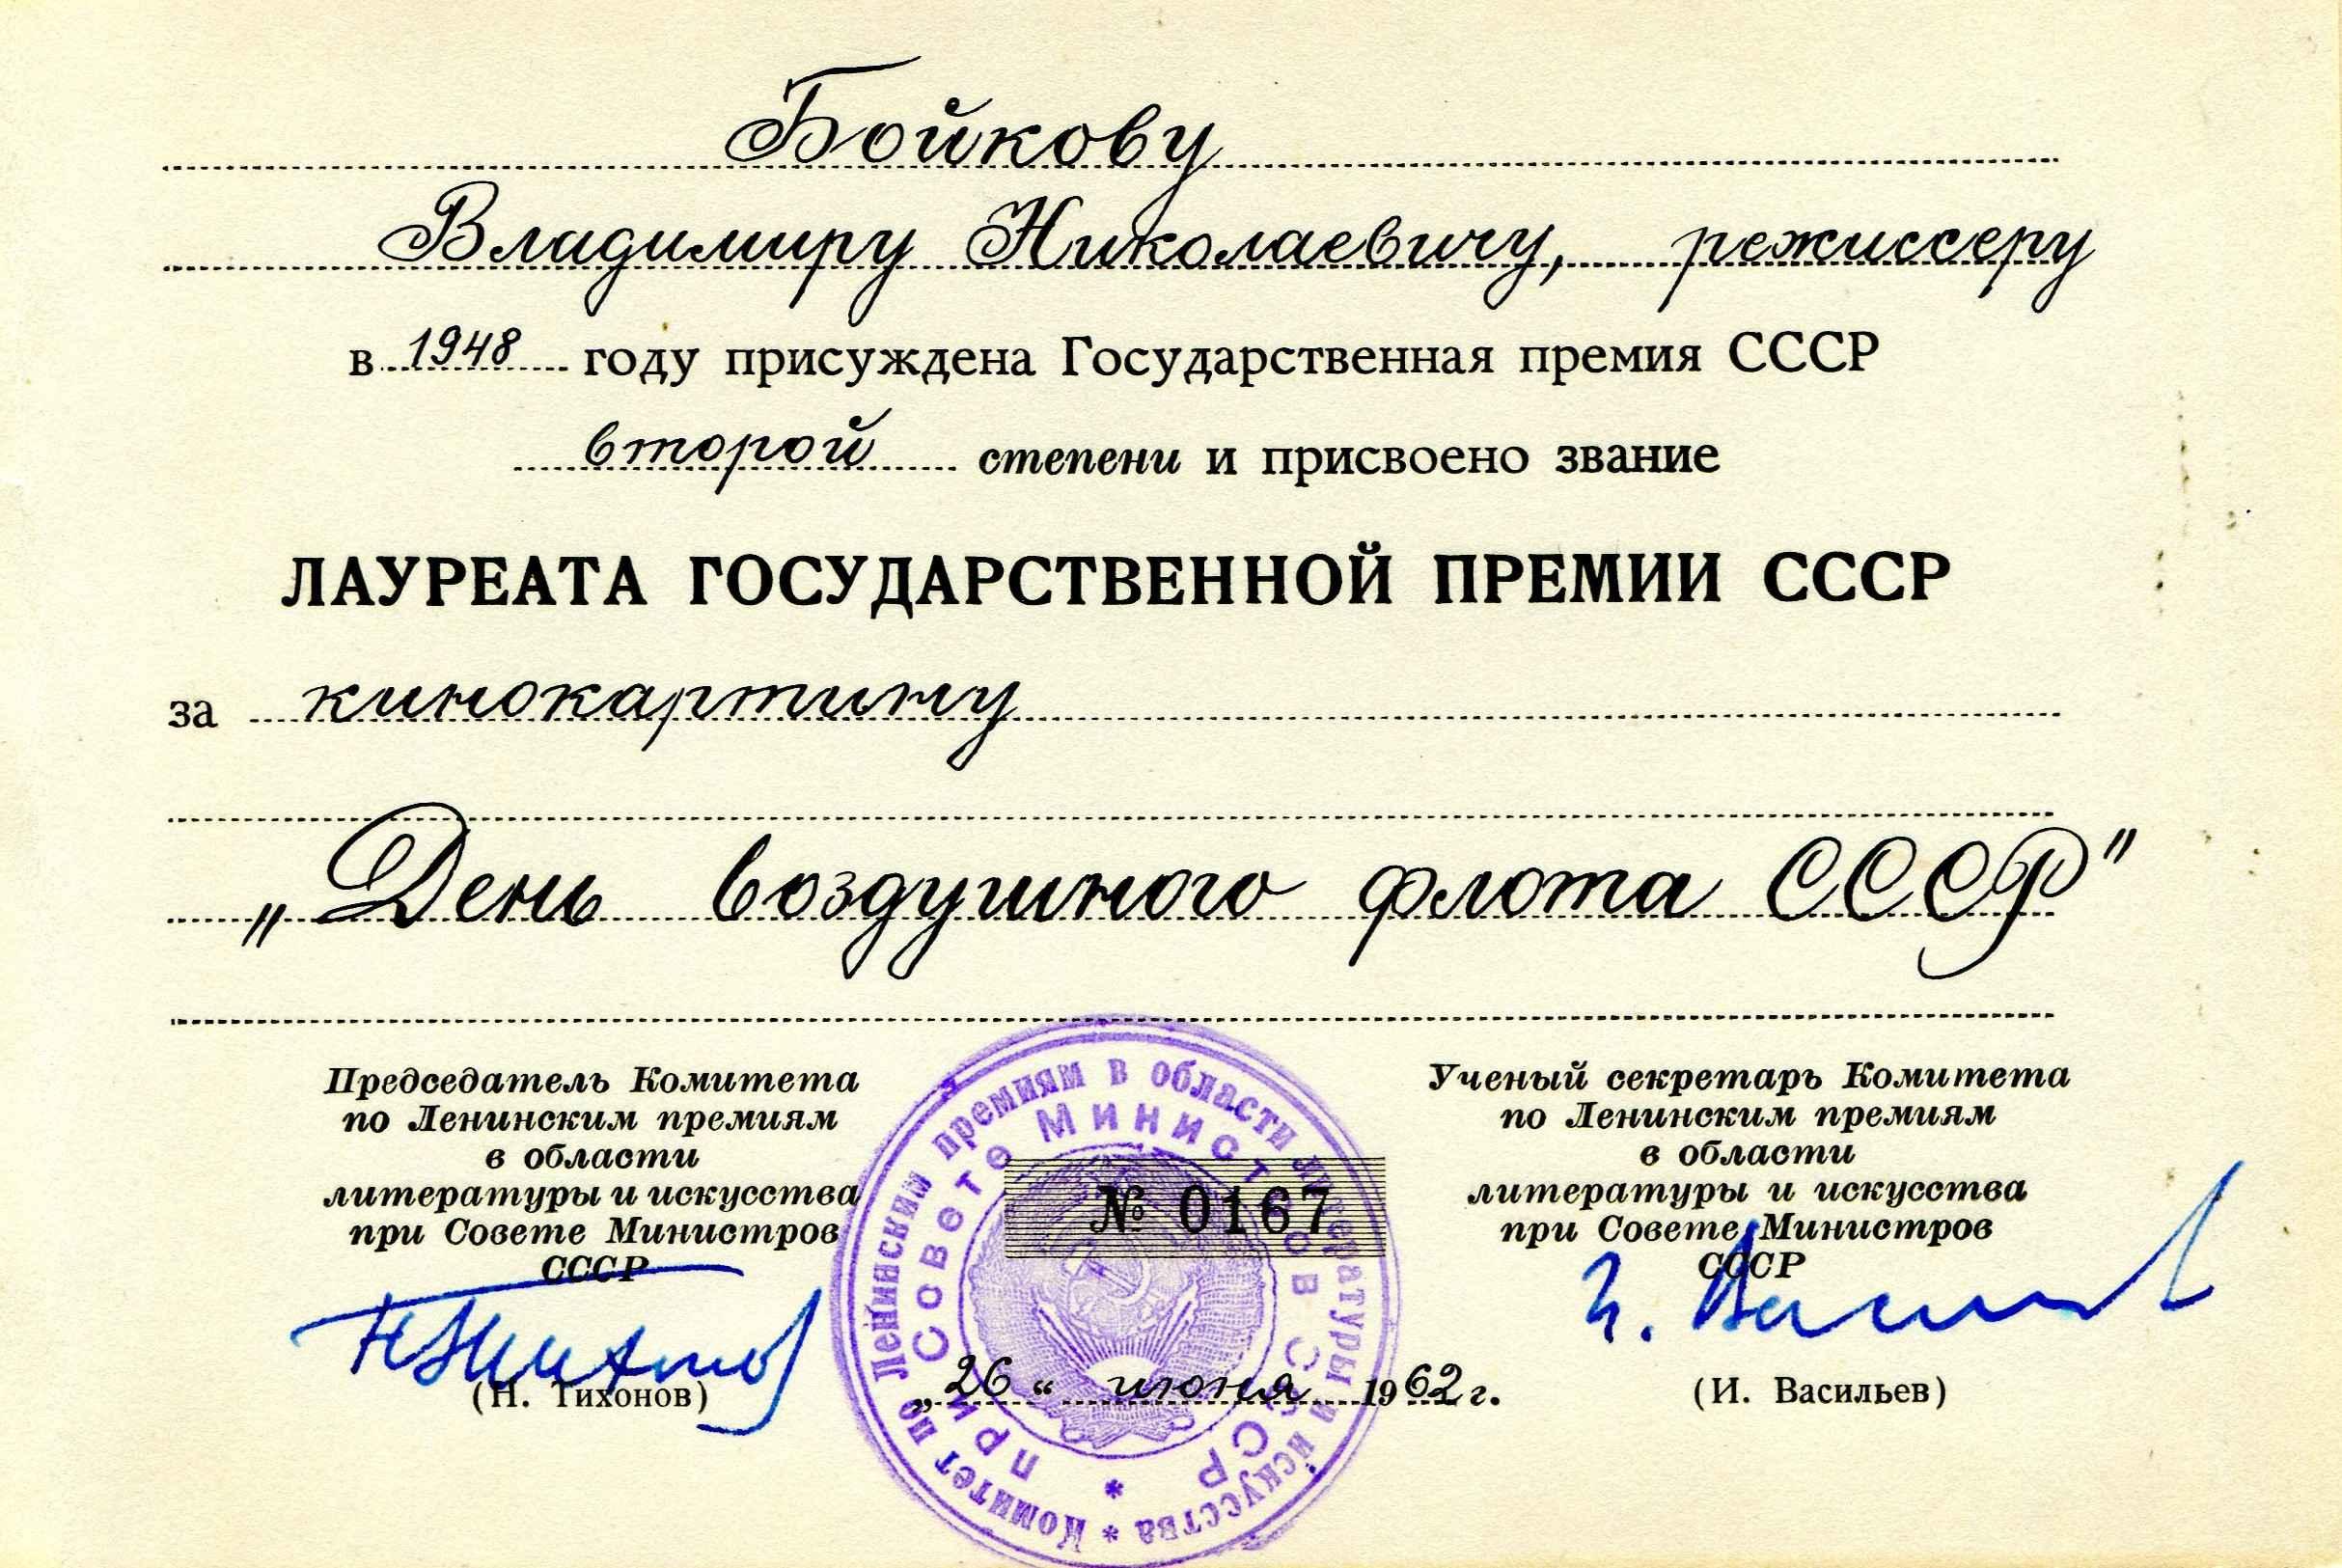 Экспонат #37. Сталинская (Государственная) премия (1948)